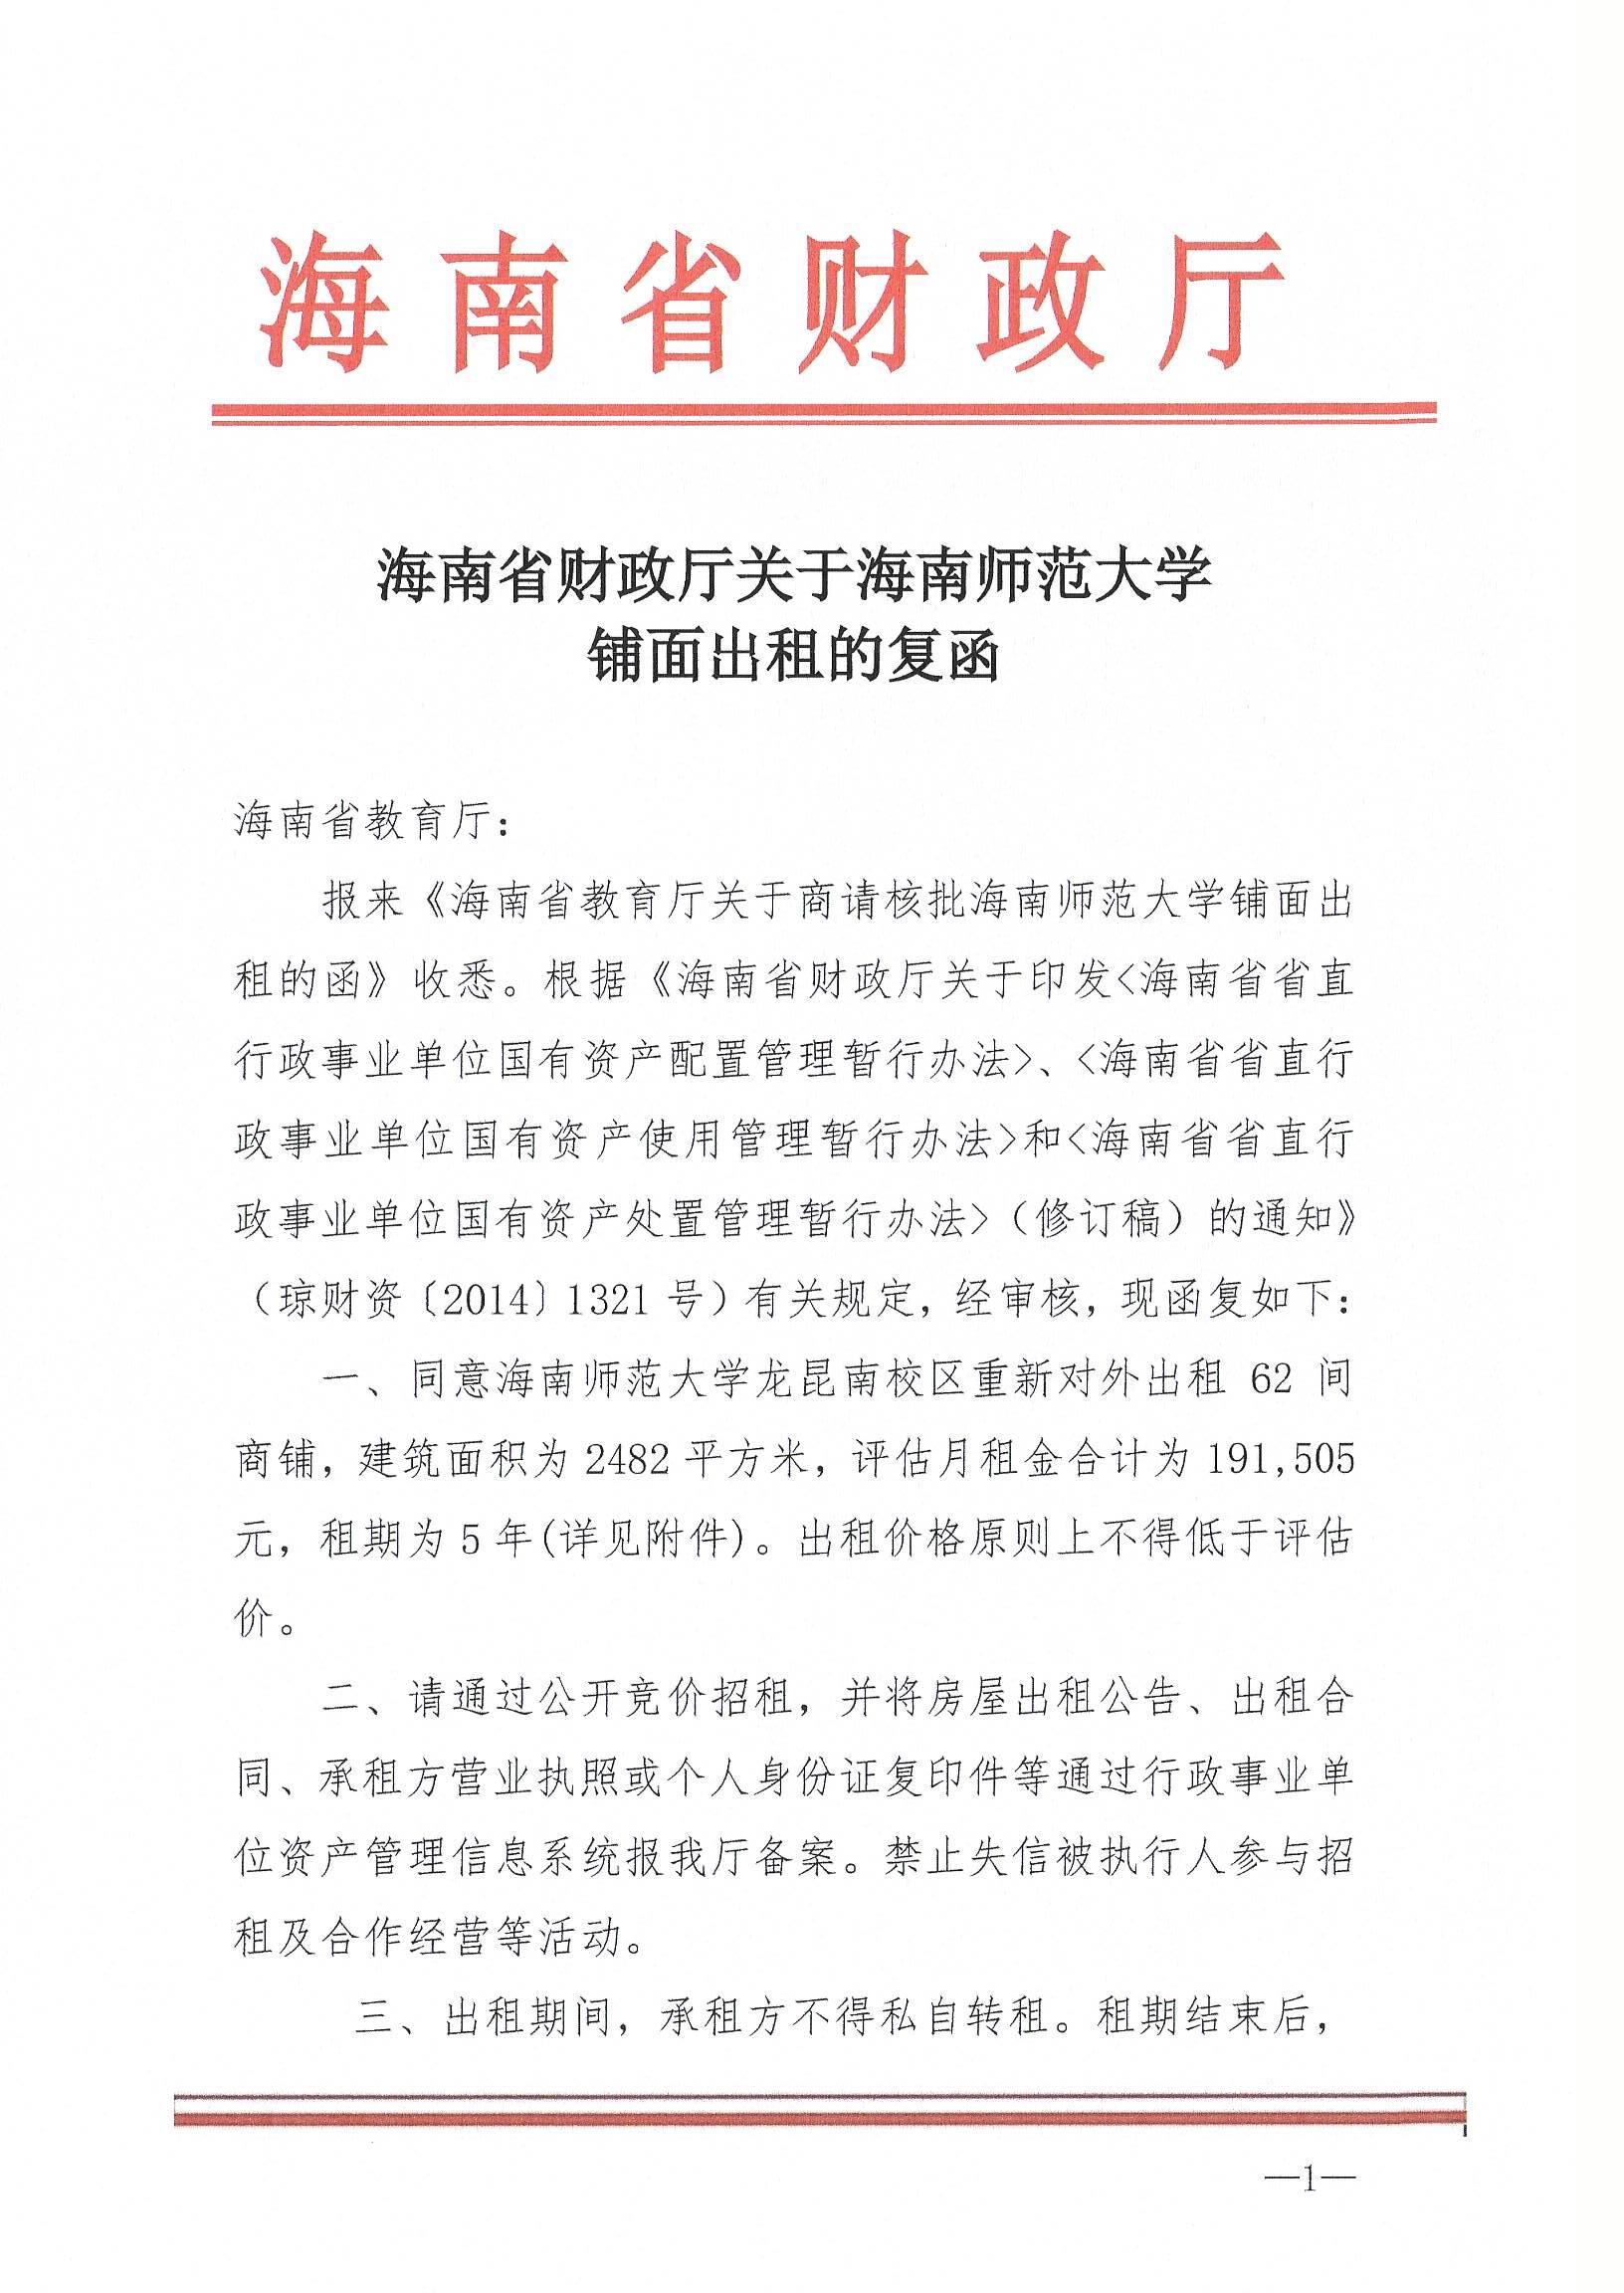 海南省财政厅关于海南师范大学铺面出租的复函